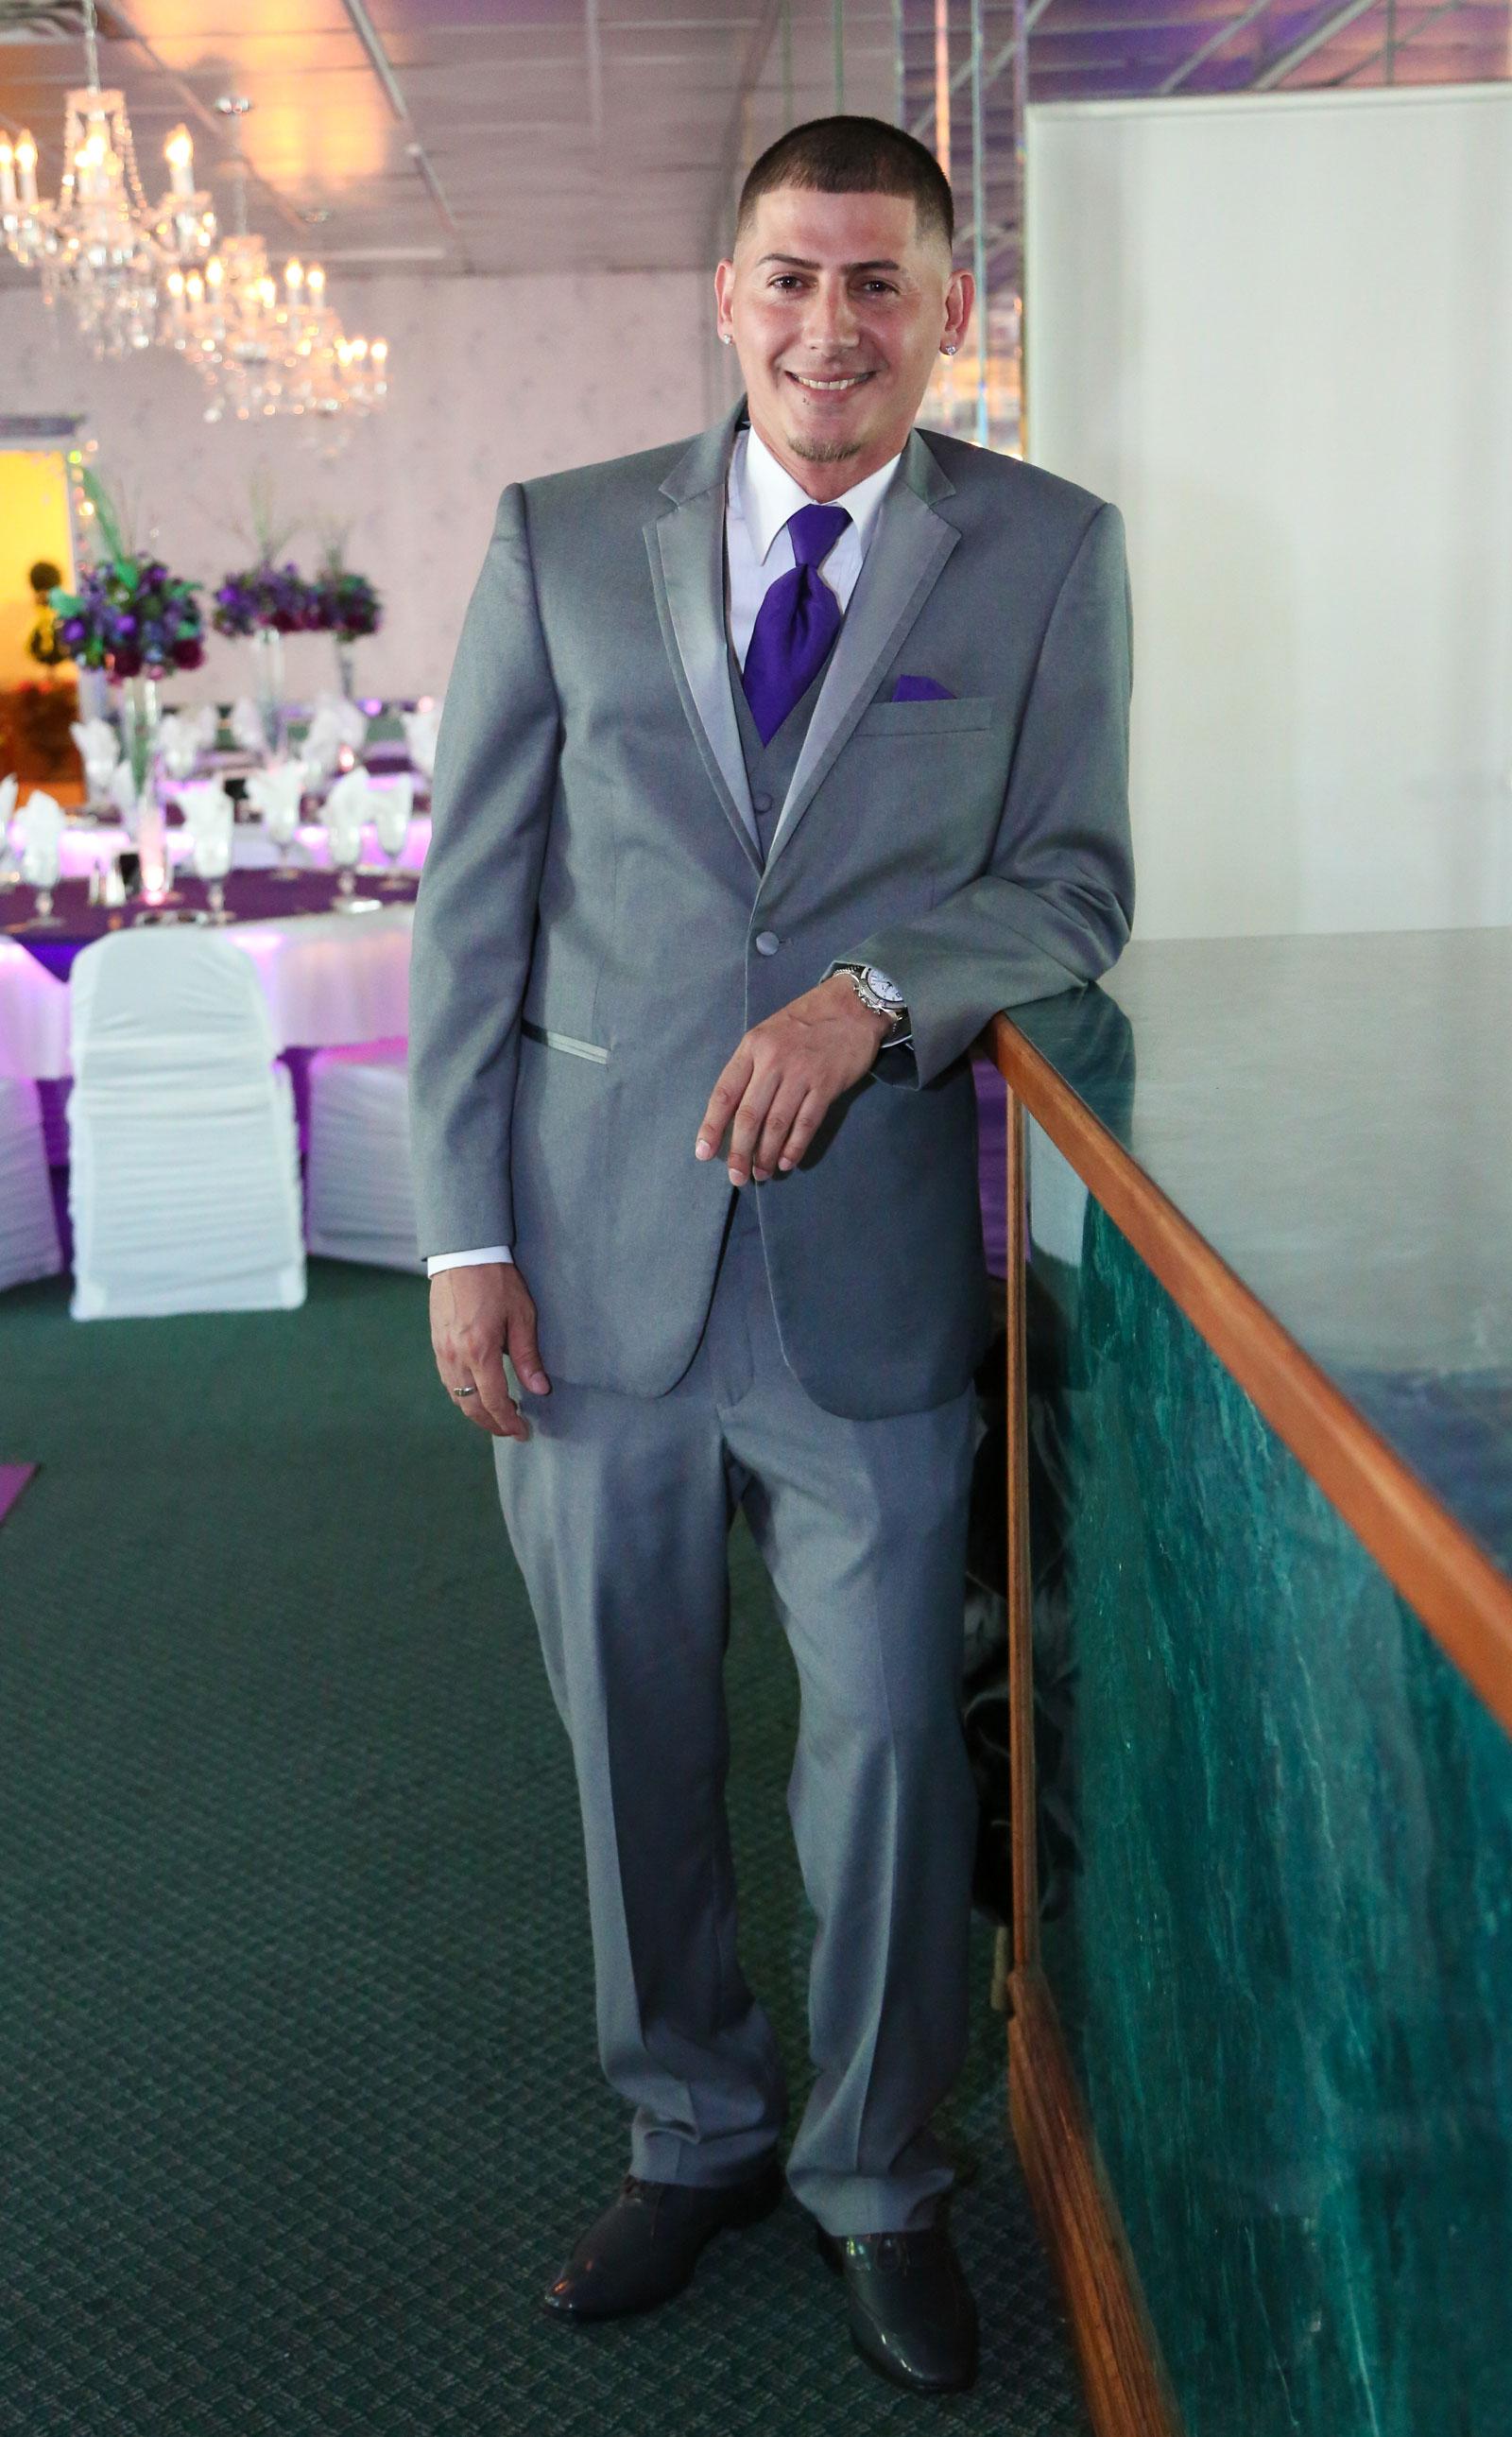 Buffalo, NY Wedding Reception groom pose